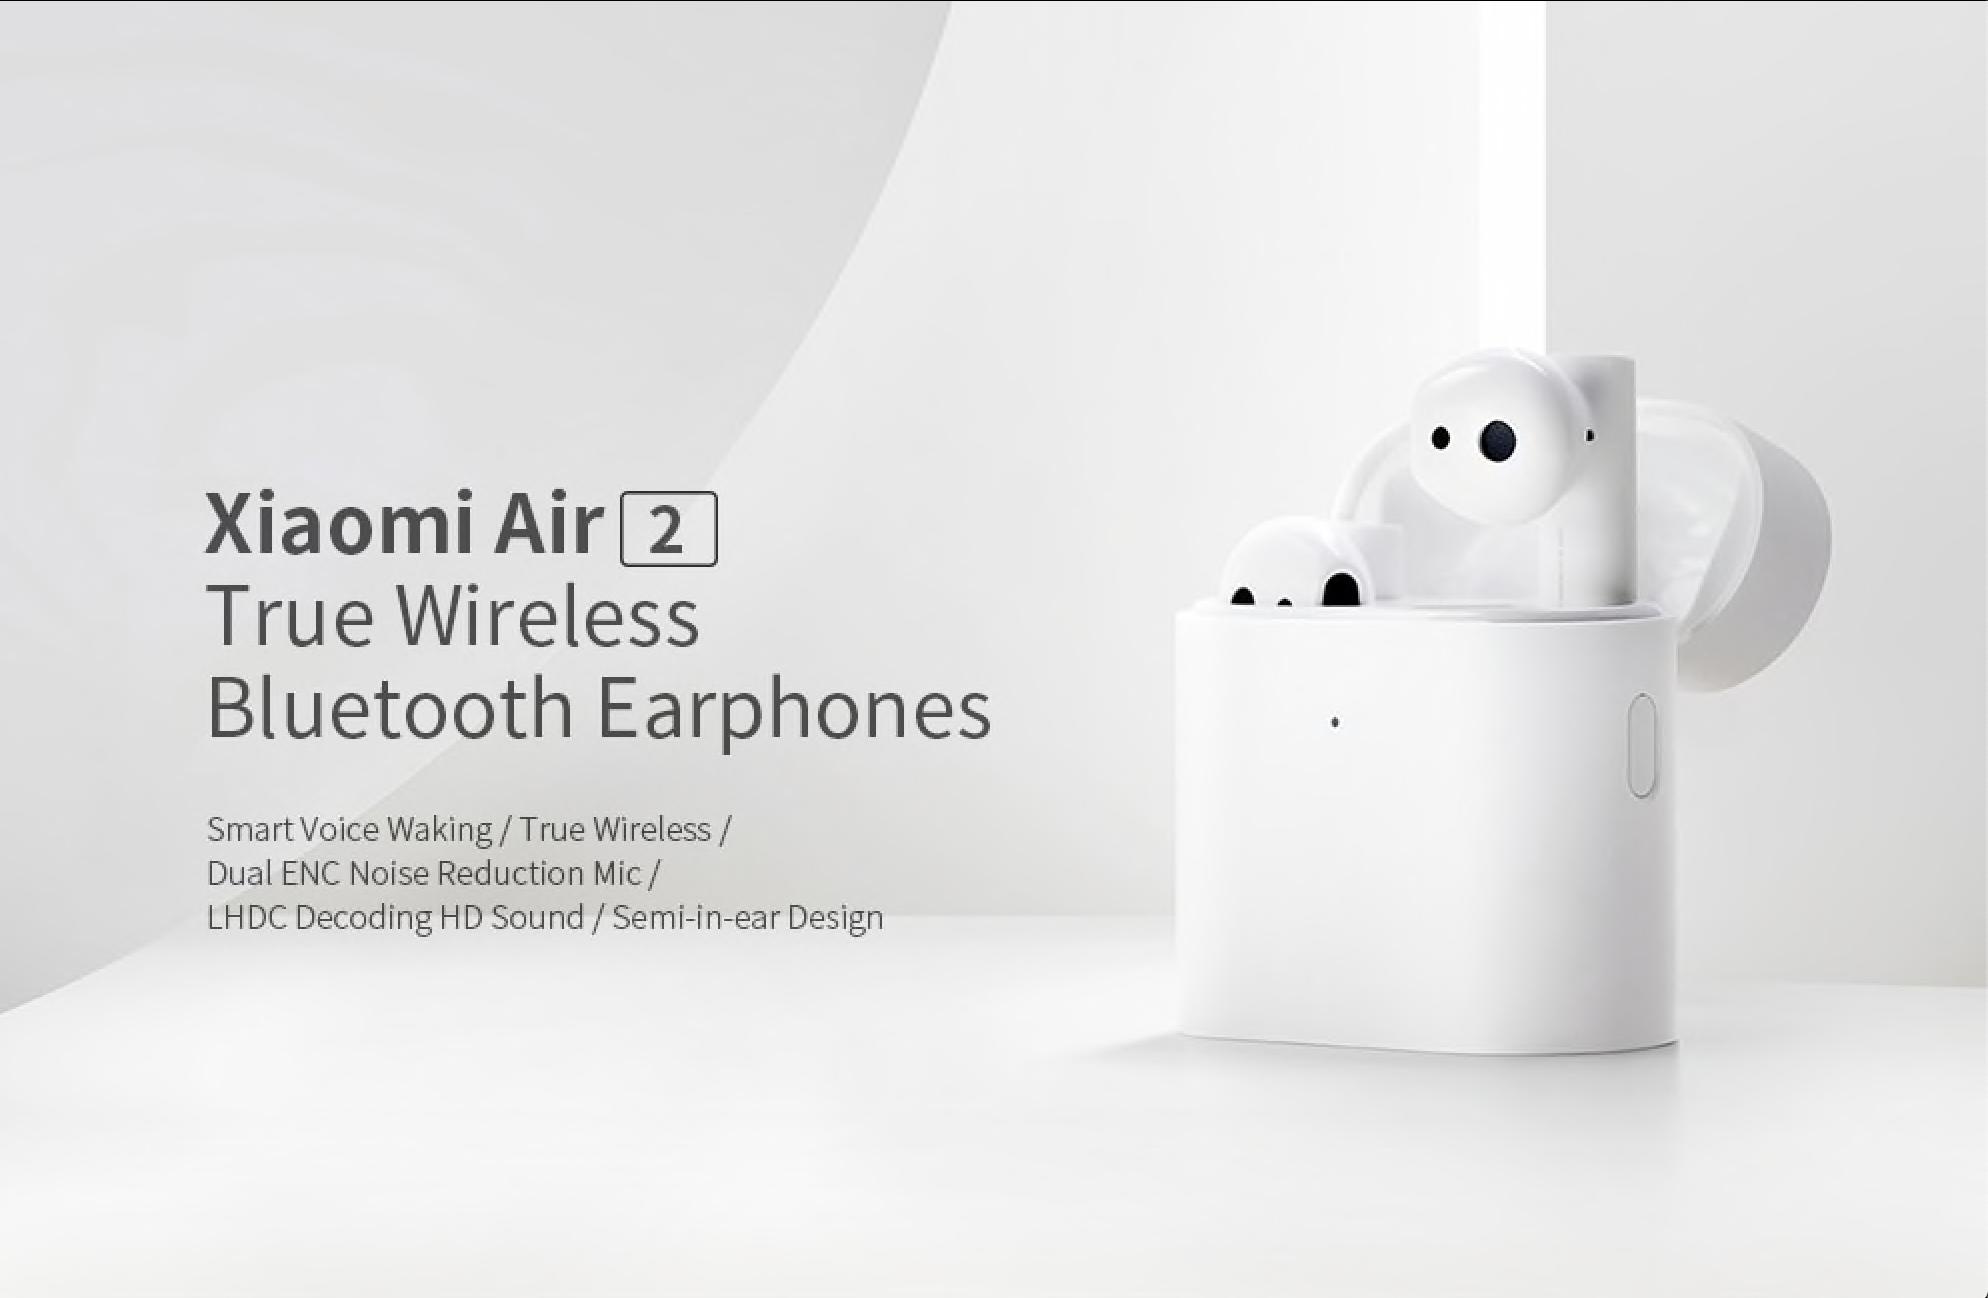 Bezdrátová sluchátka Xiaomi Air 2S za akční cenu! [sponzorovaný článek]